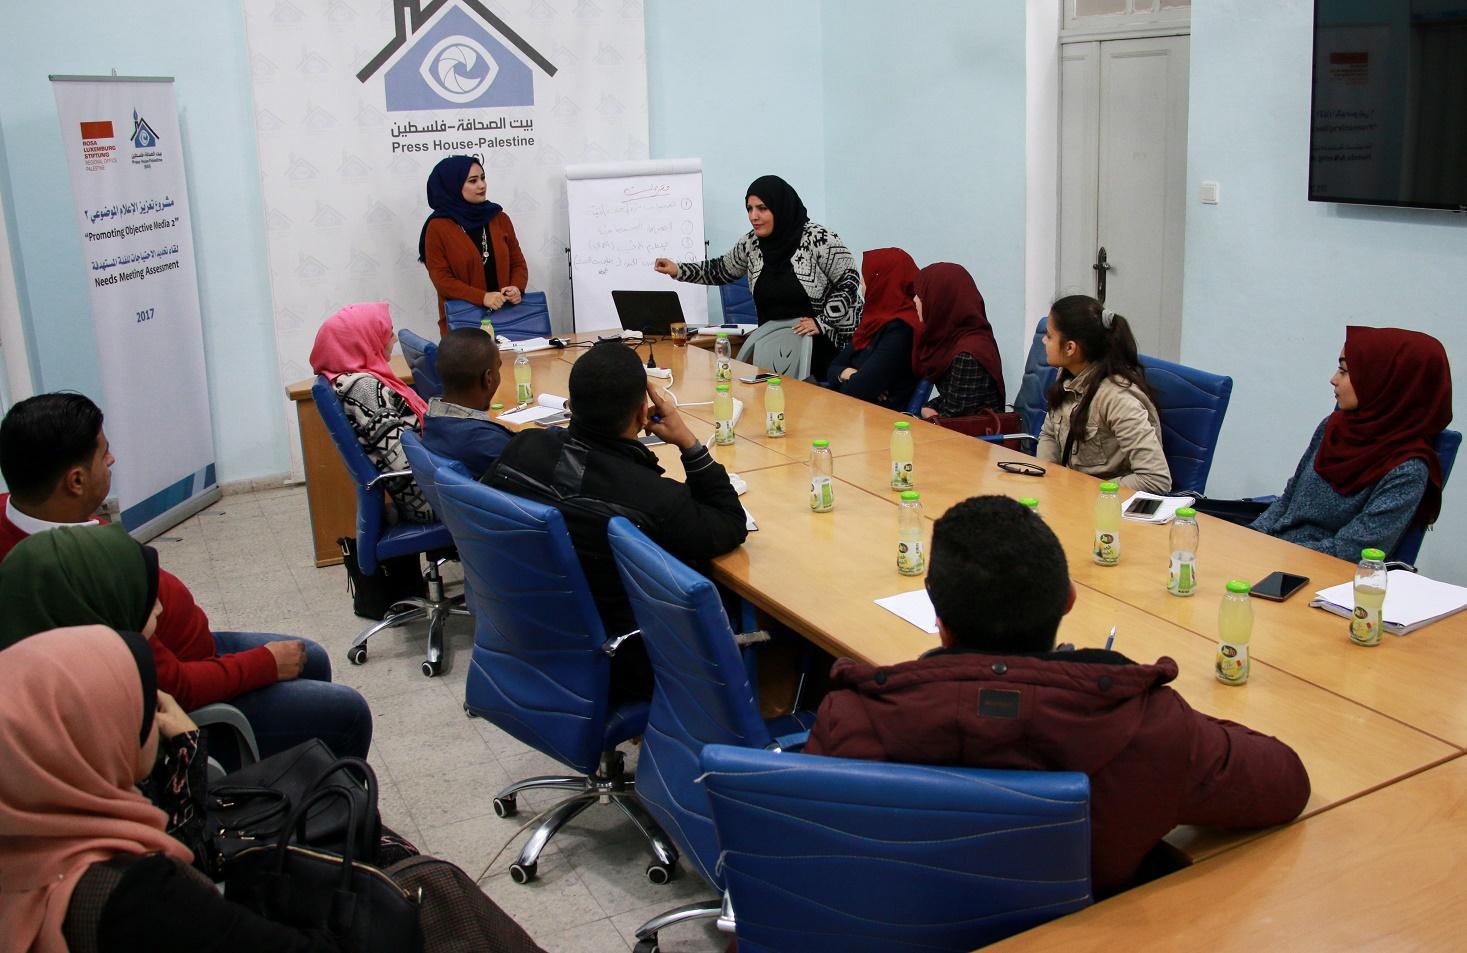 بيت الصحافة يعقد لقاء تحديد احتياجات لمشروع تعزيز الإعلام الموضوعي